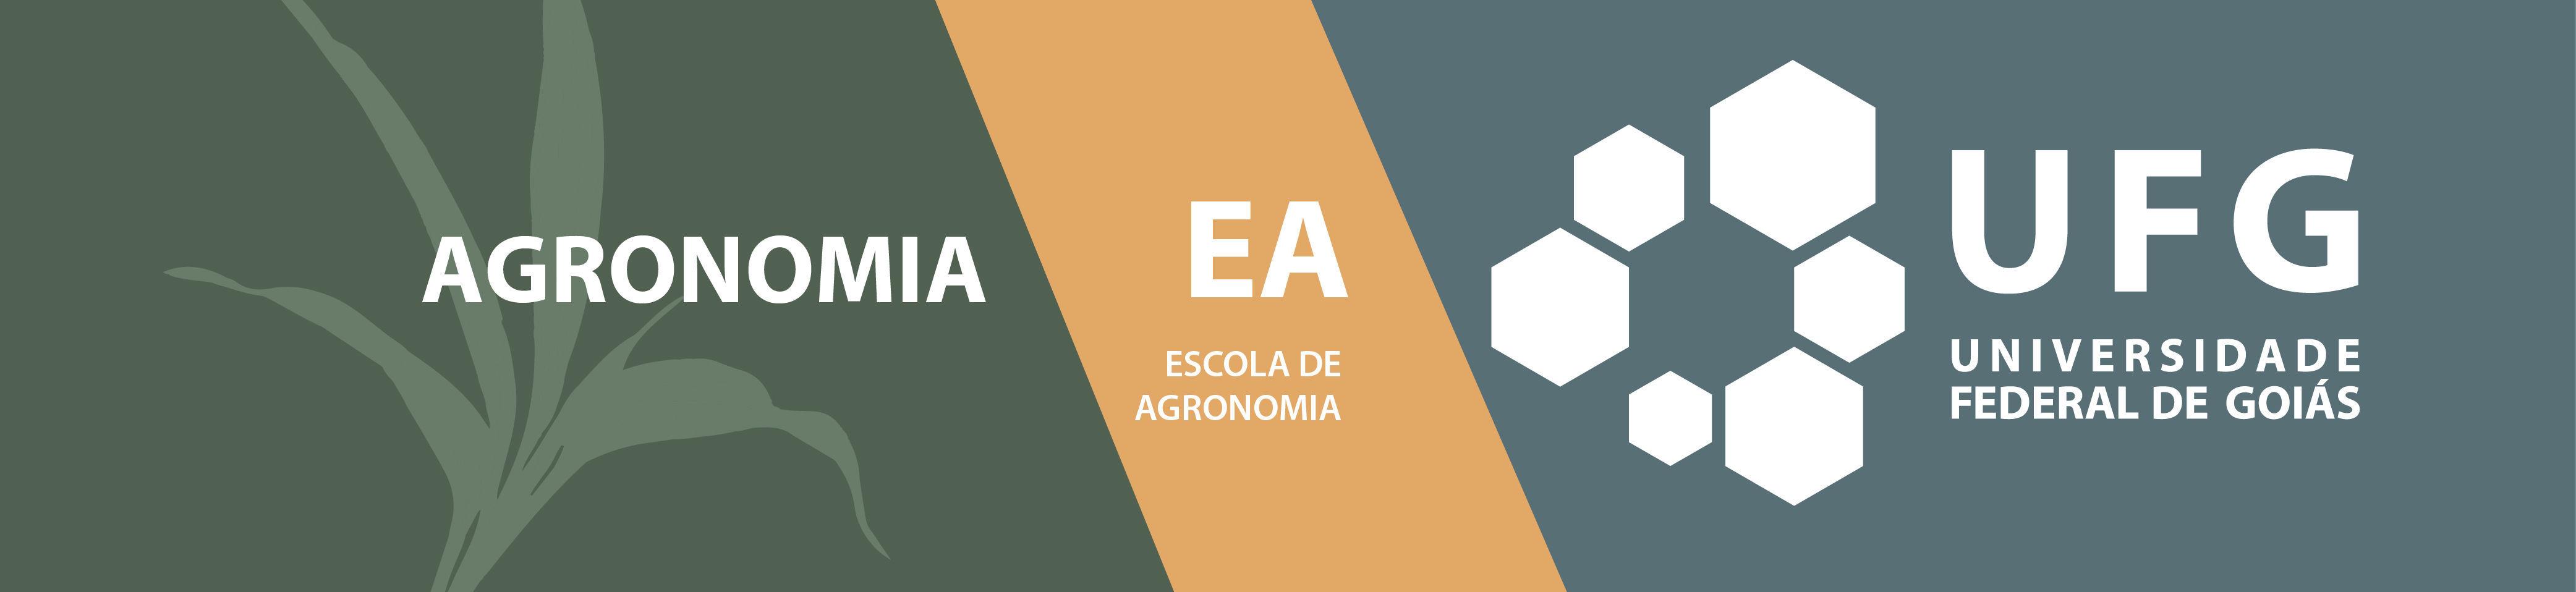 Banner do Curso de Agronomia